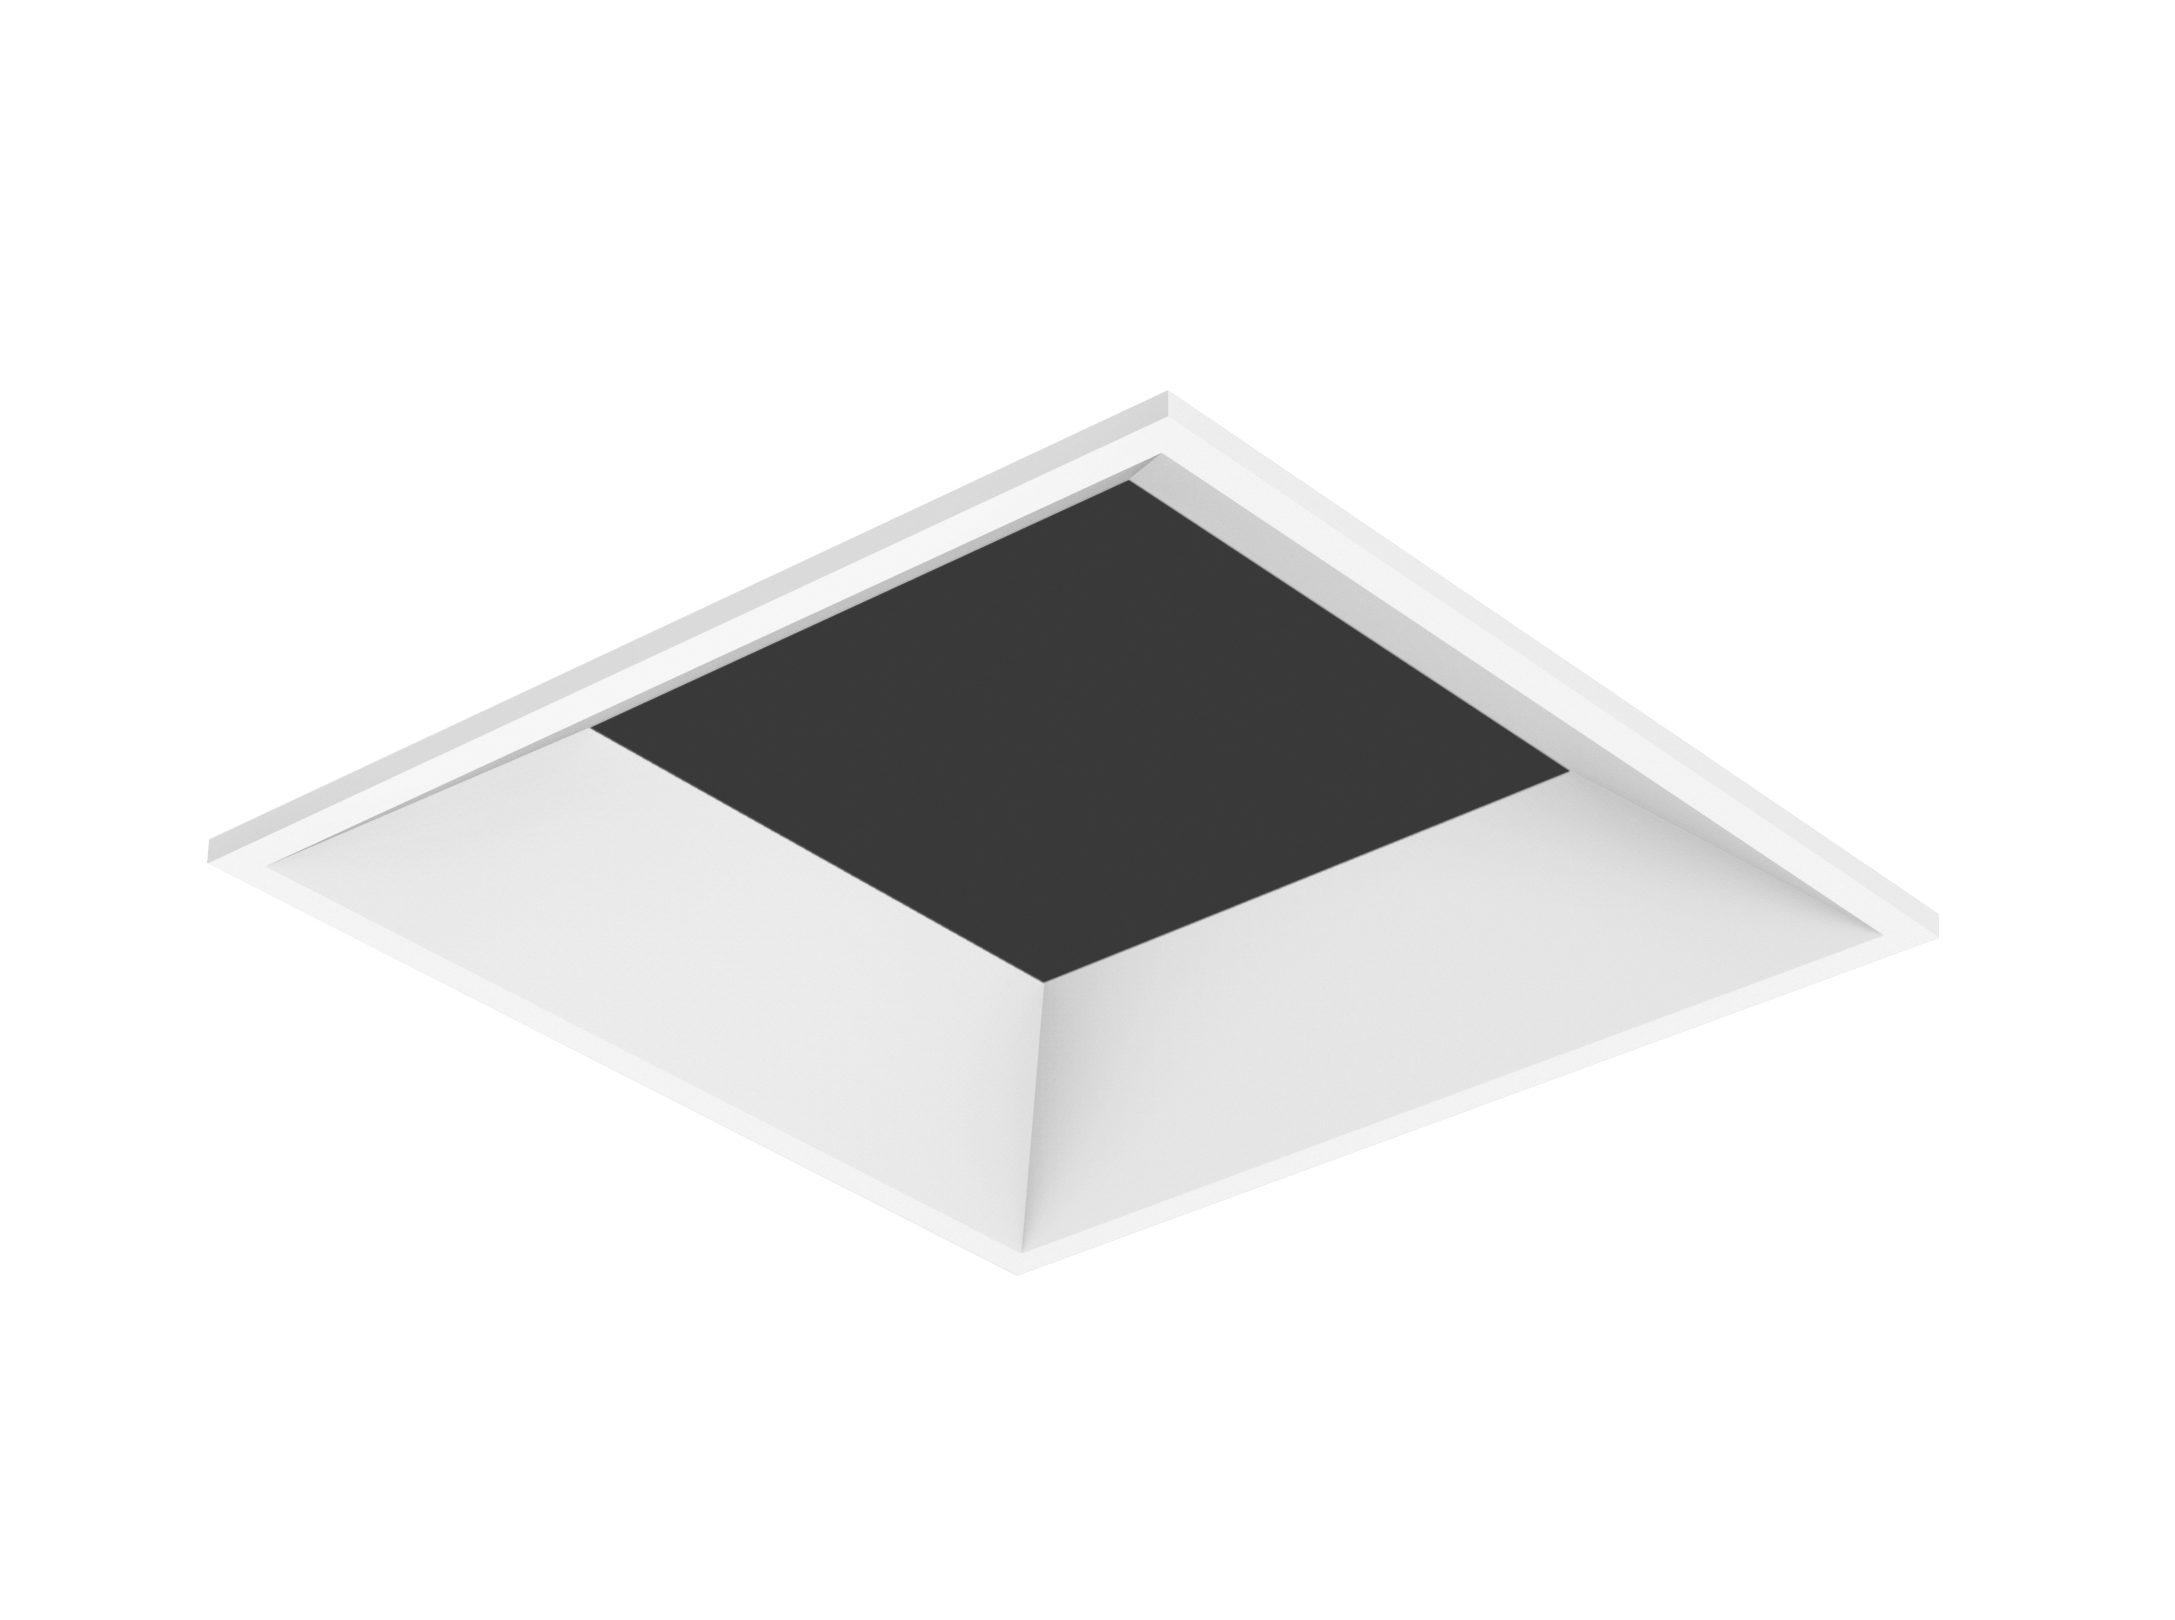 Square, beveled, flangeless white LED downlight trim